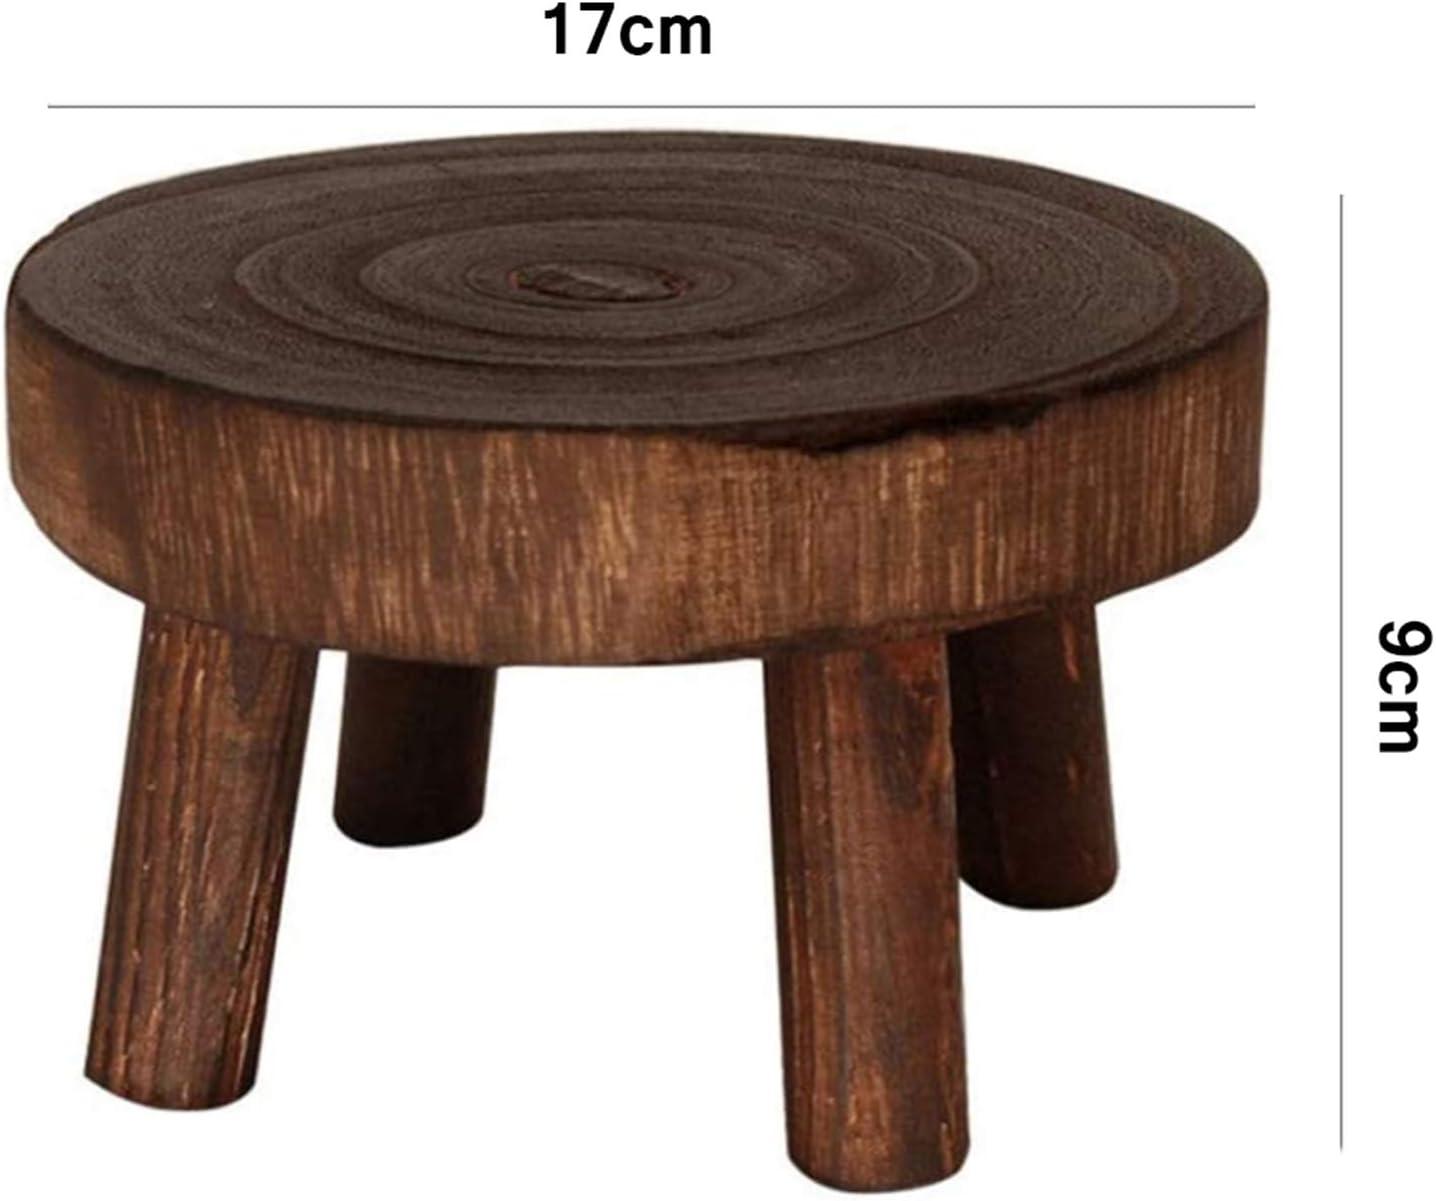 Carjourney Holz Blumenhocker Ausstellungsstand Deko Blumenst/änder Hocker Holz Blumentopfst/änder Pflanzenhocker Massiv Deko Holz Blumentopf Basishalter Hocker